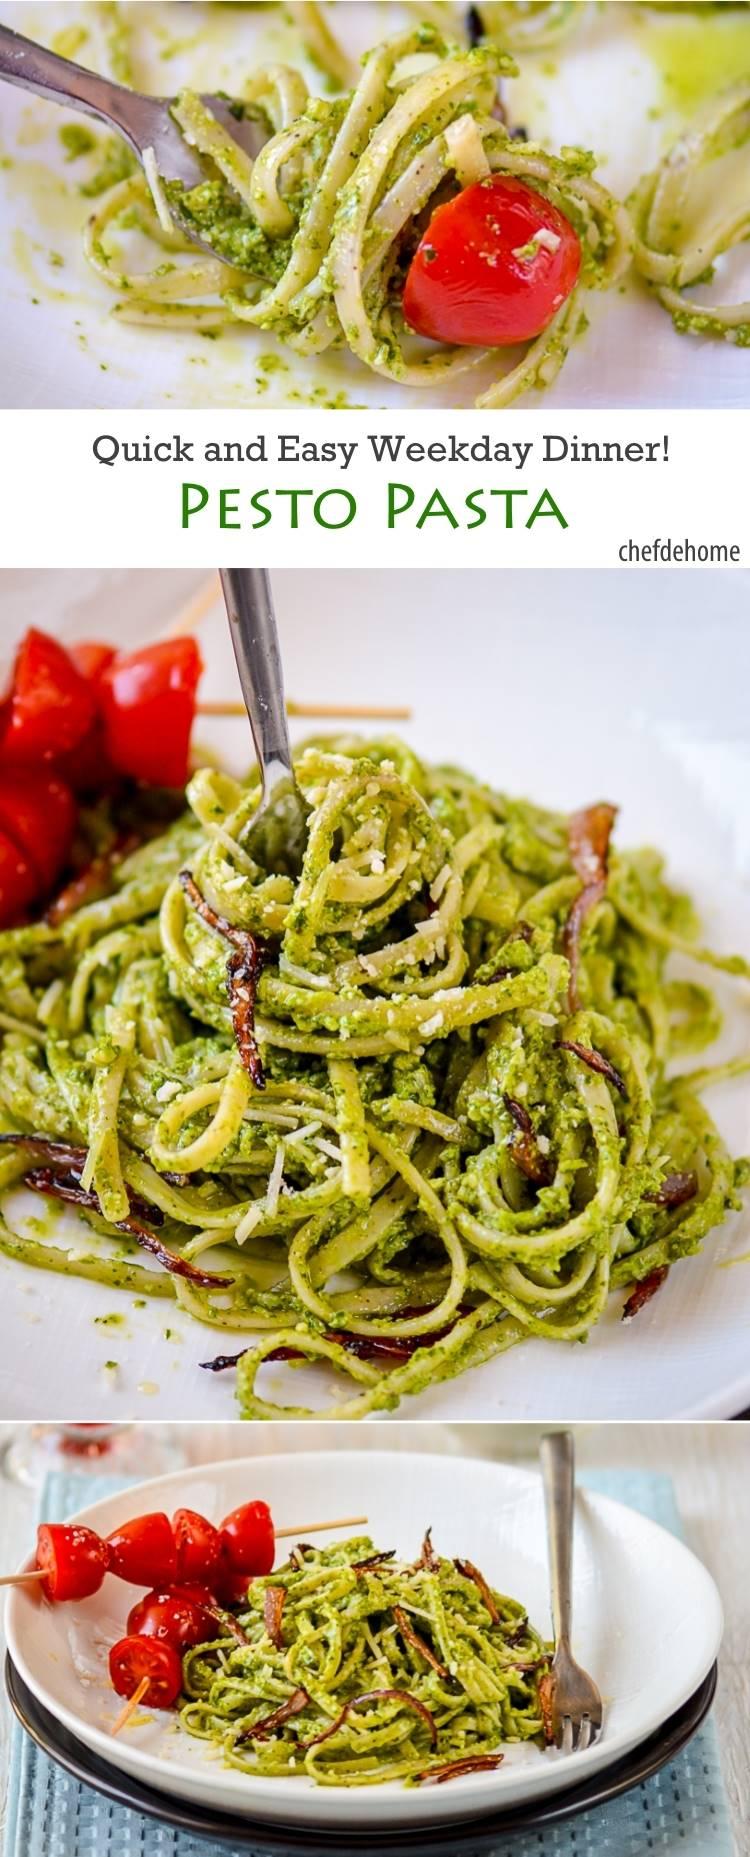 Basil Pesto Pasta Linguine | chefdehome.com